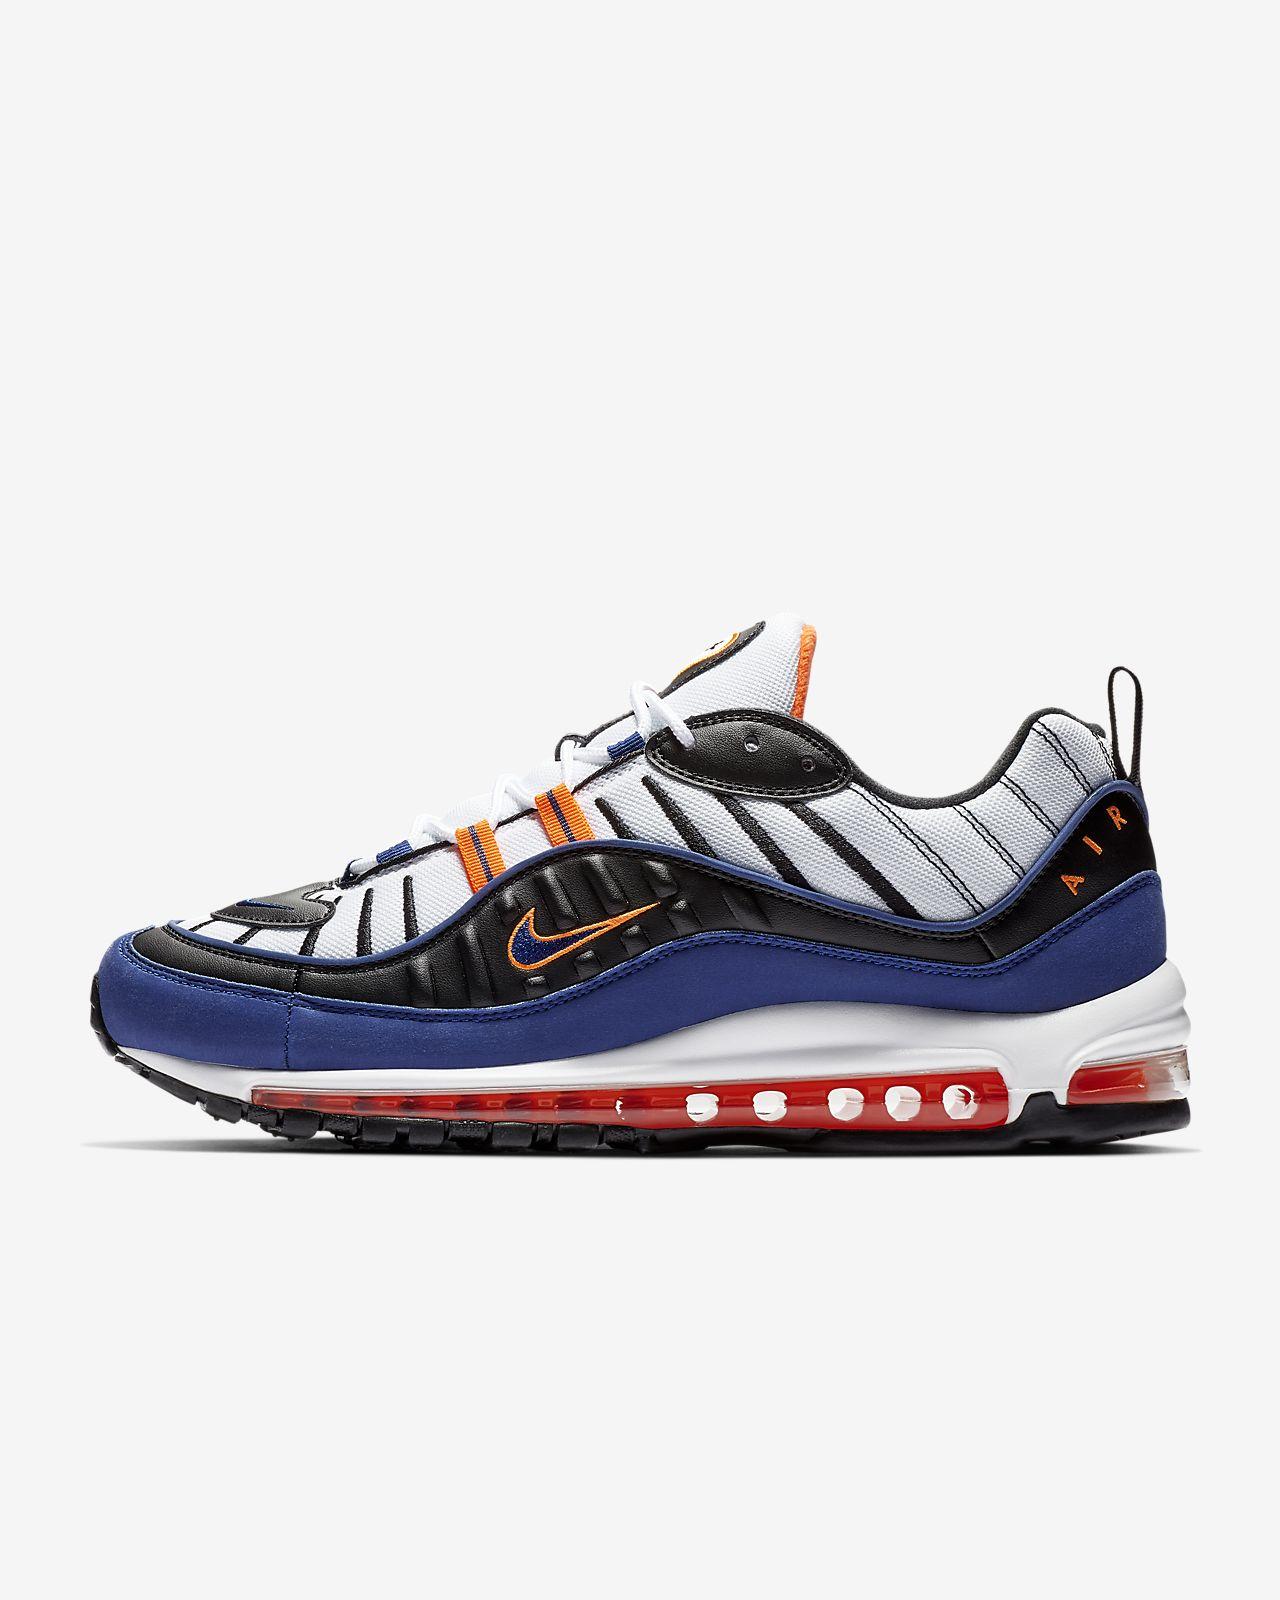 Nike Air Max hombre